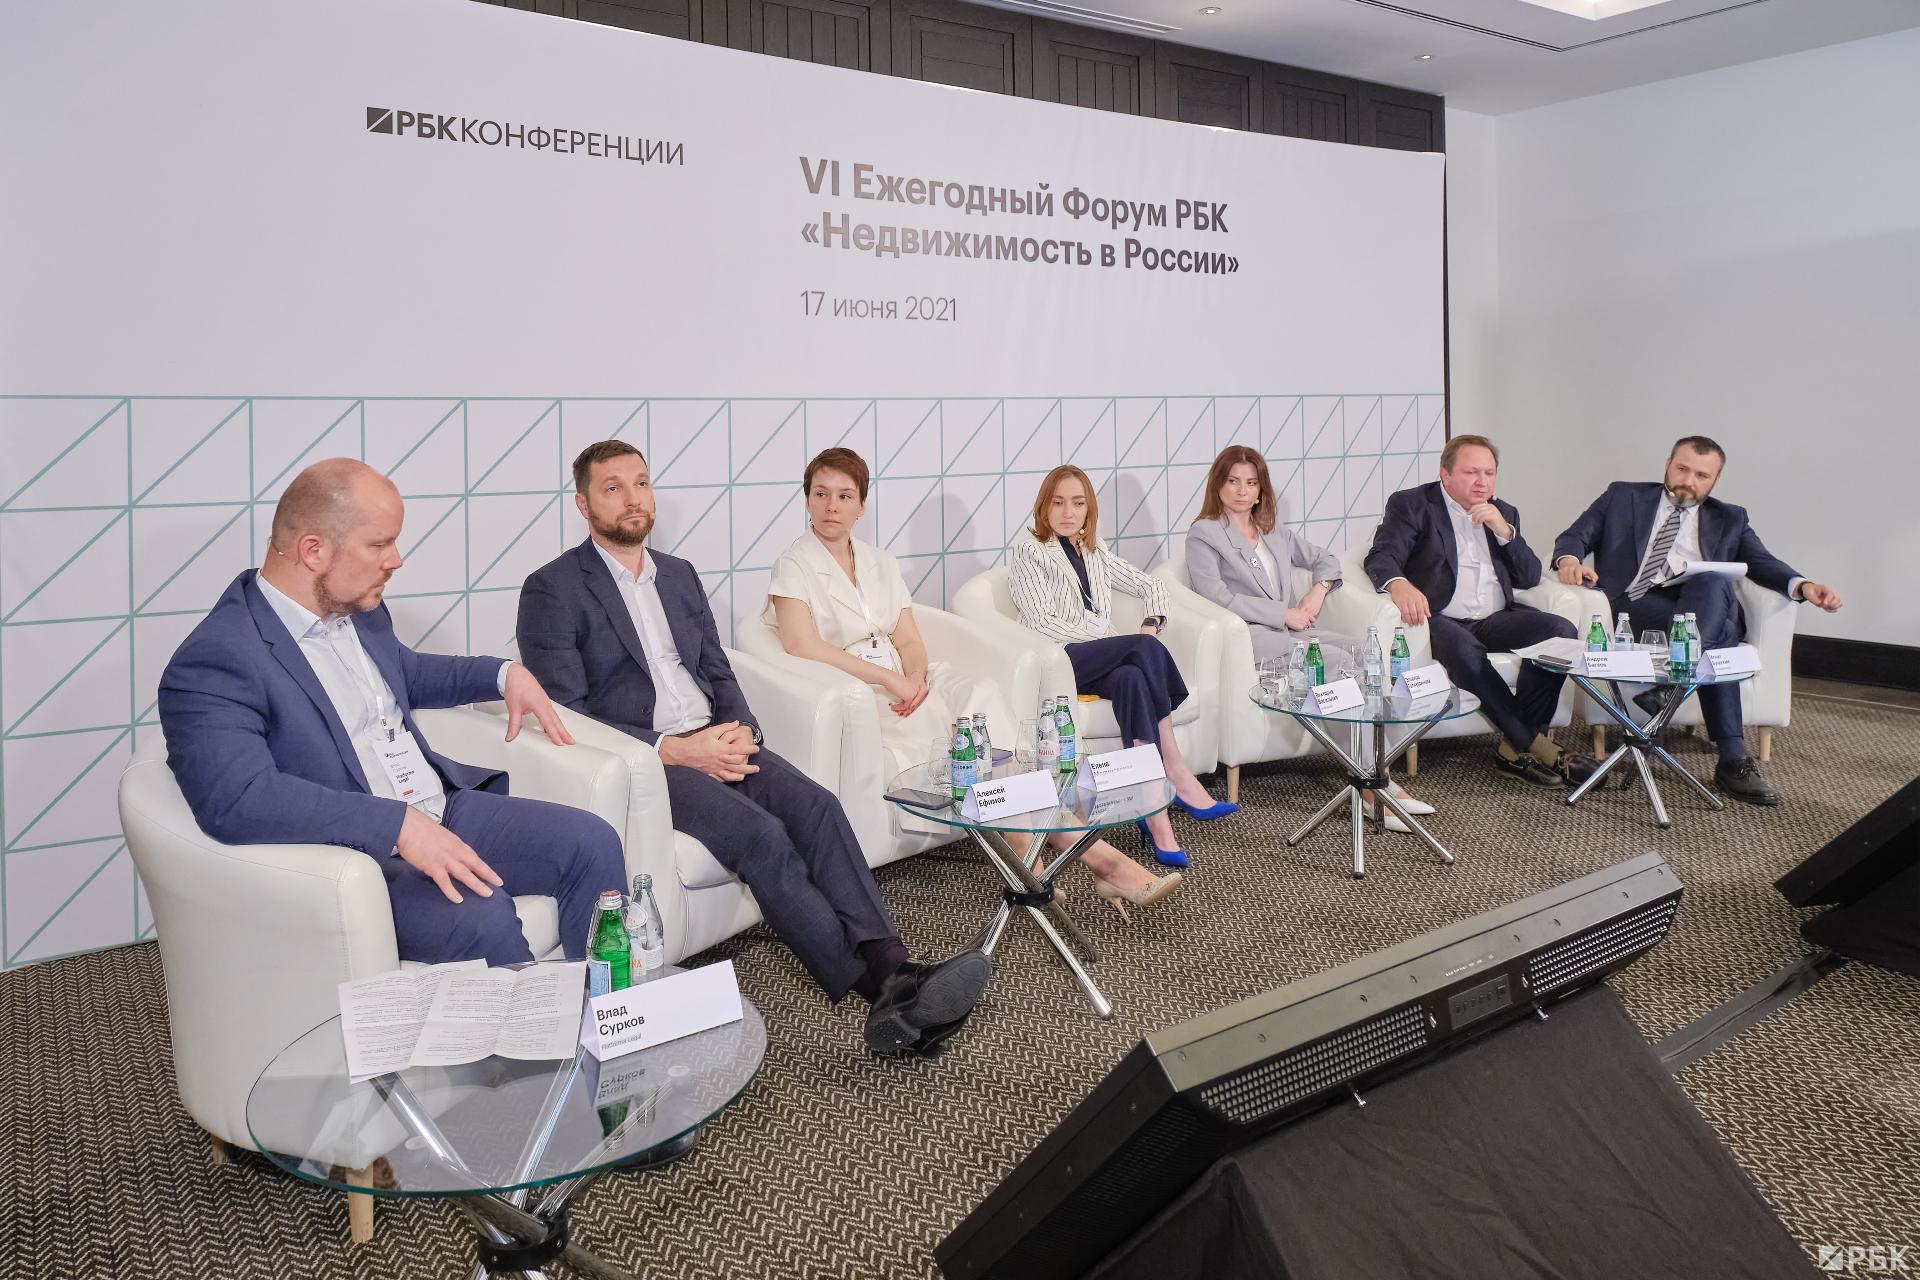 Участники VI ежегодного Форума РБК «Недвижимость в России»